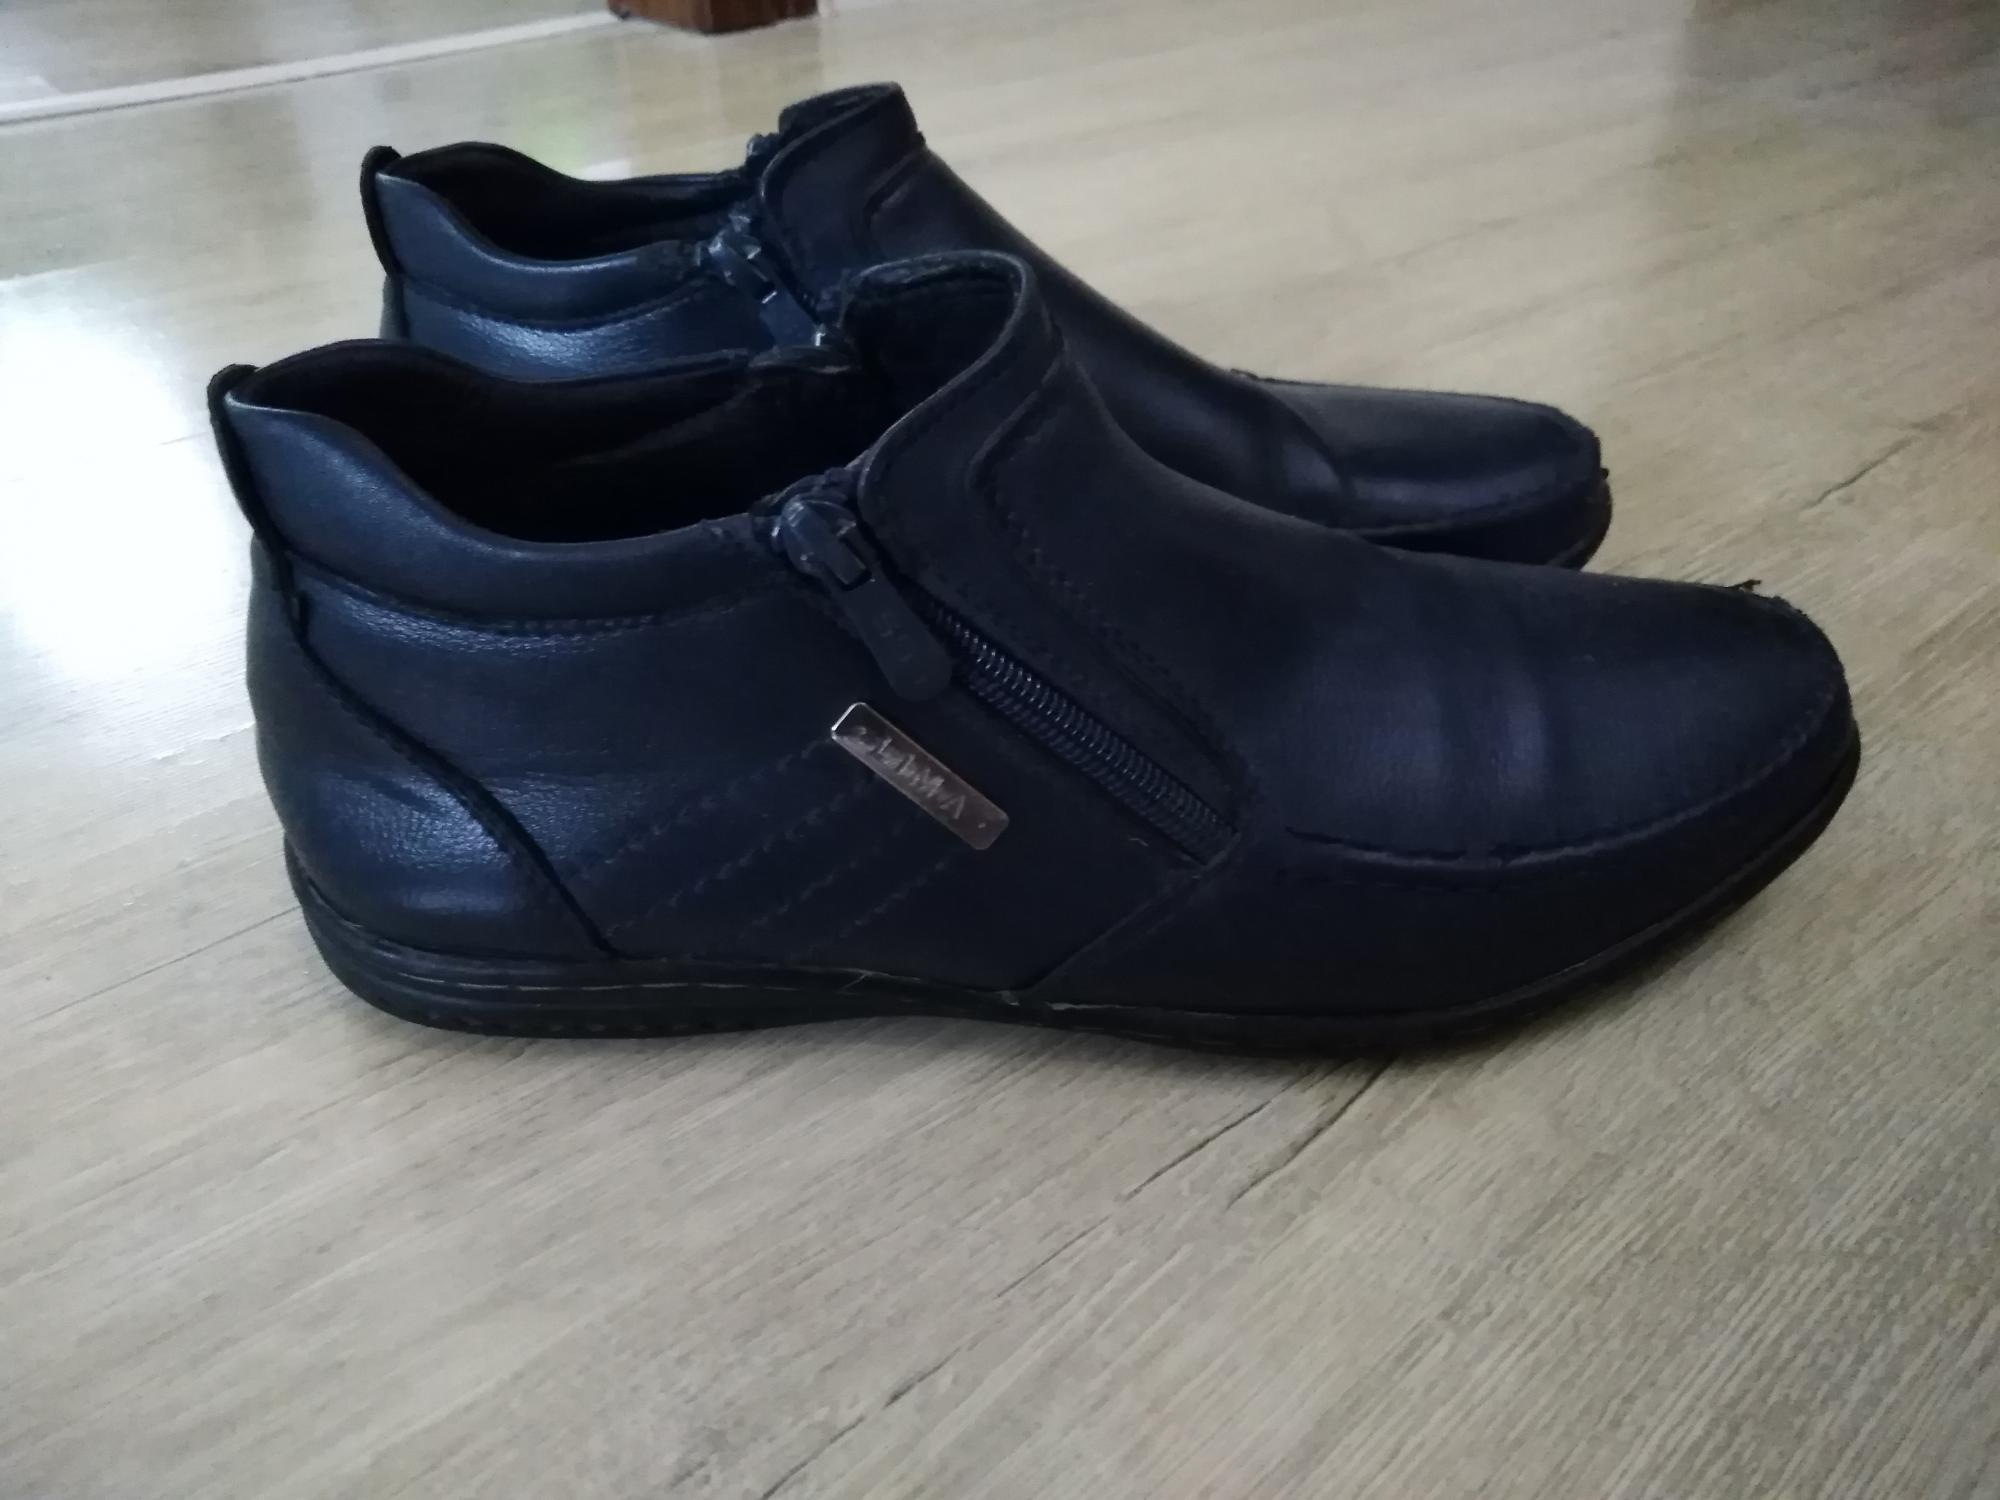 Ботинки в Тюмени 89222616797 купить 1